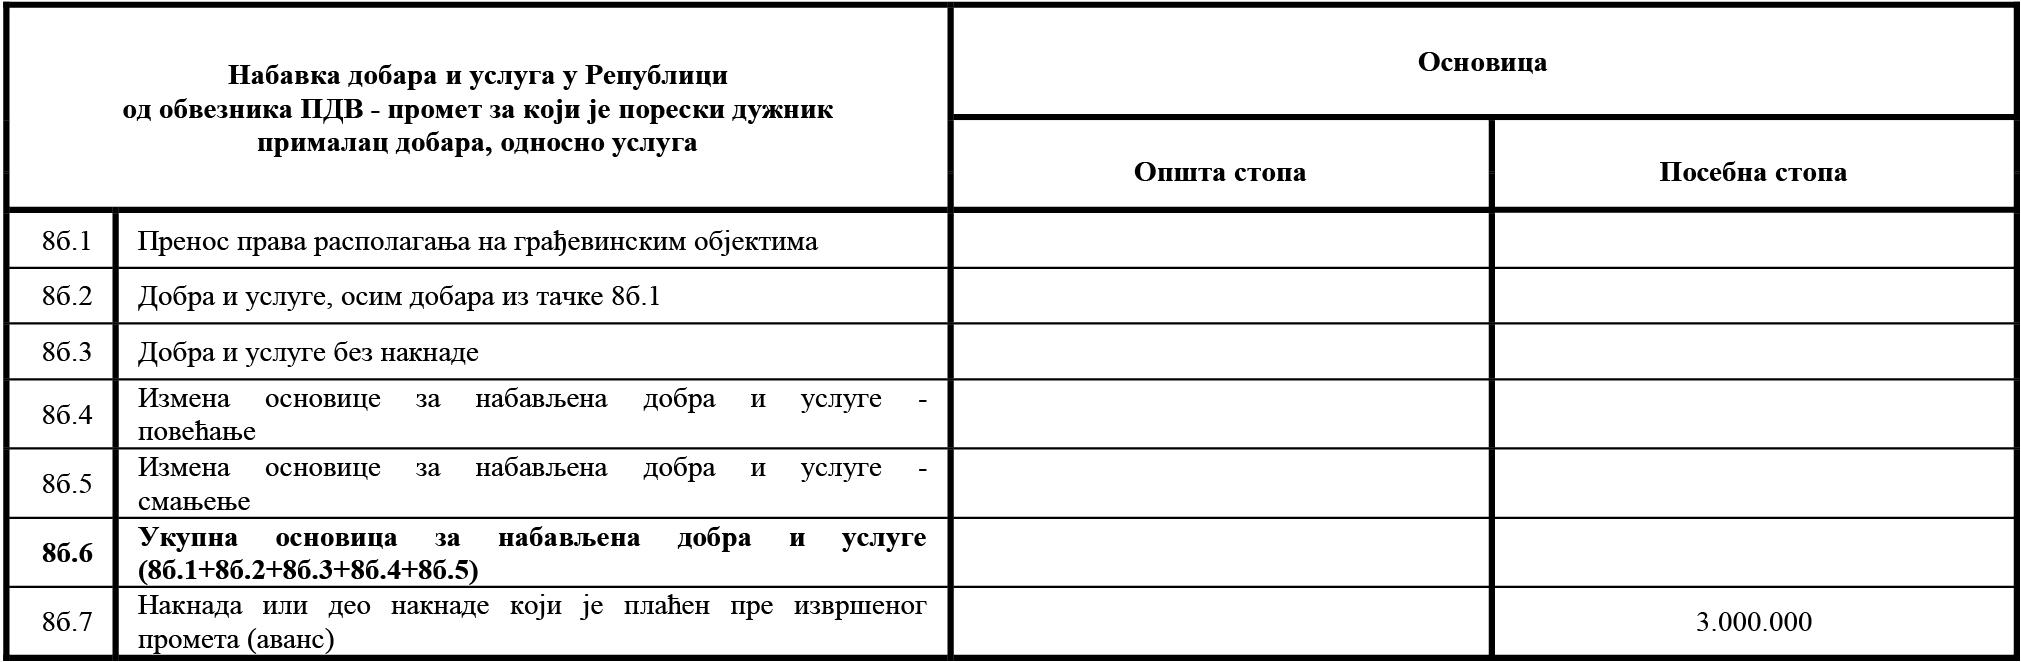 uputstvo PU obrazac POPDV primer 103